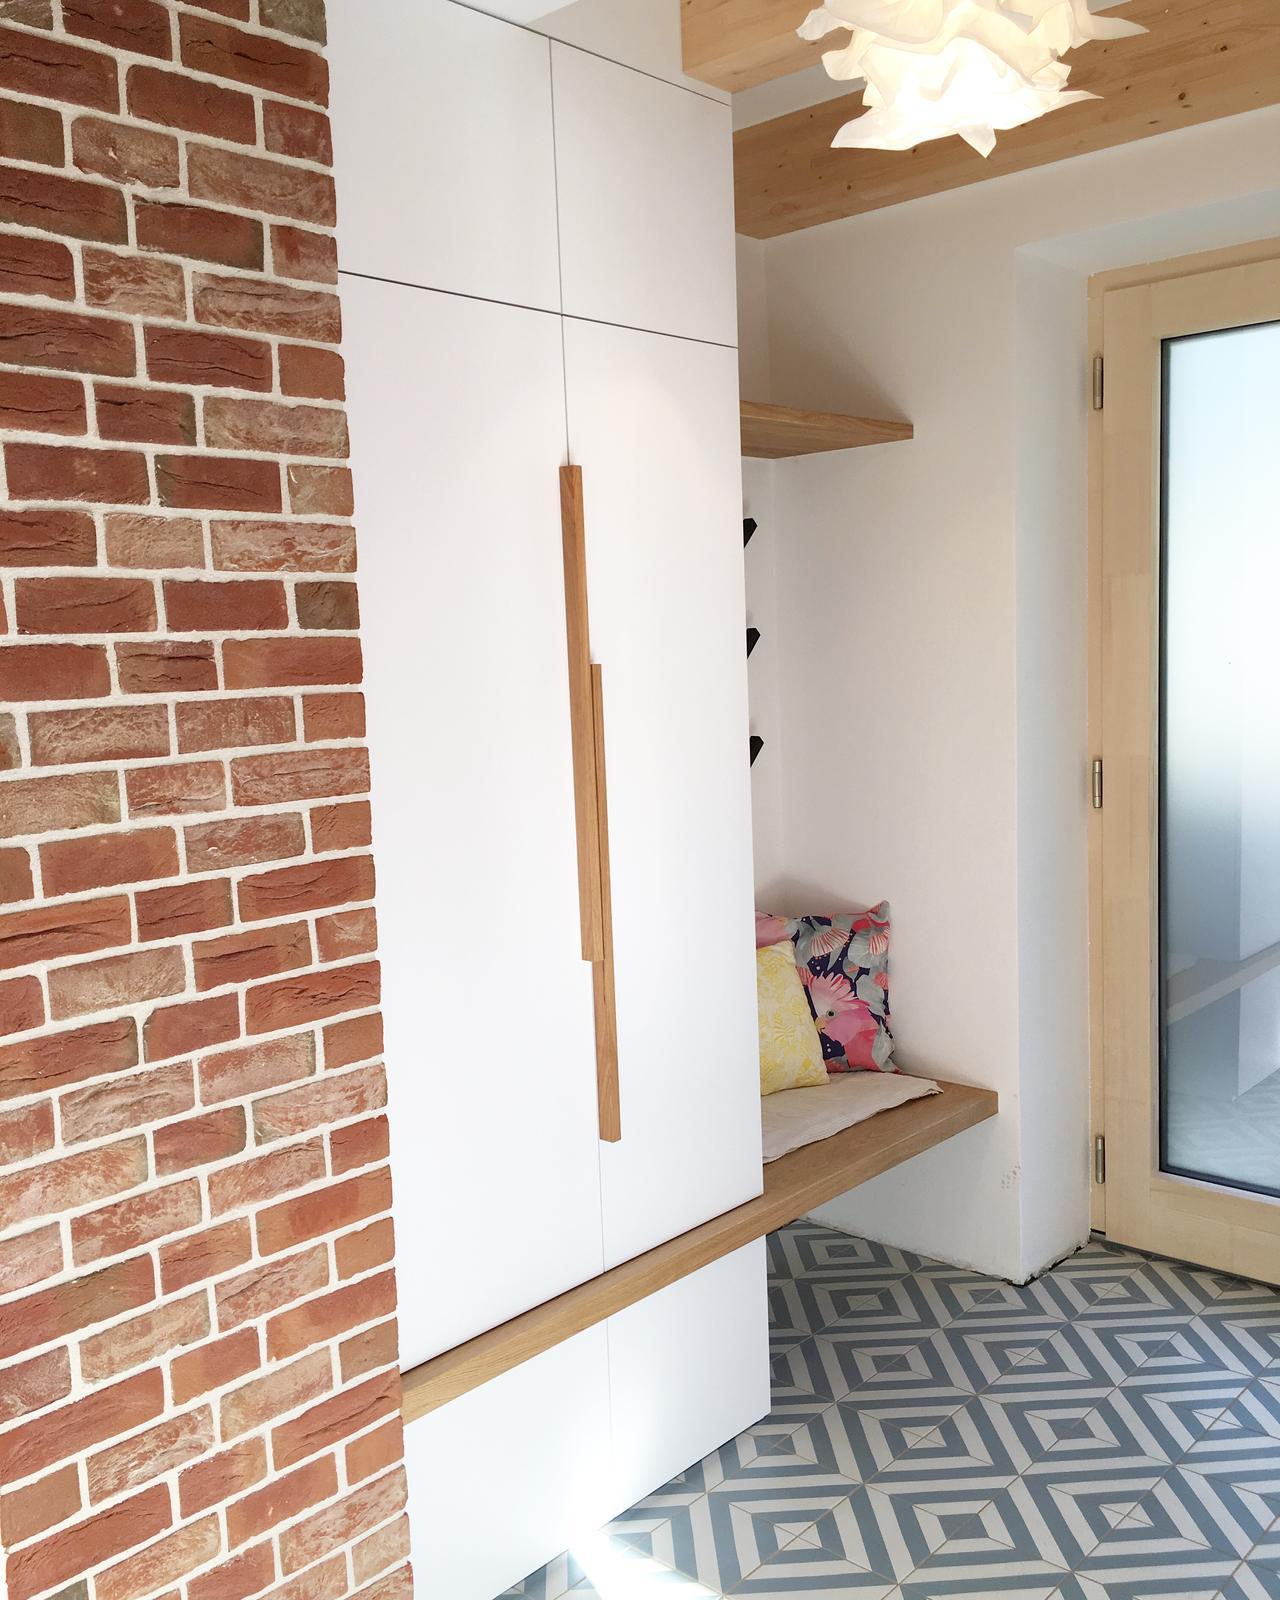 Nový dom v starom sade - šatník pri vchodových dverách